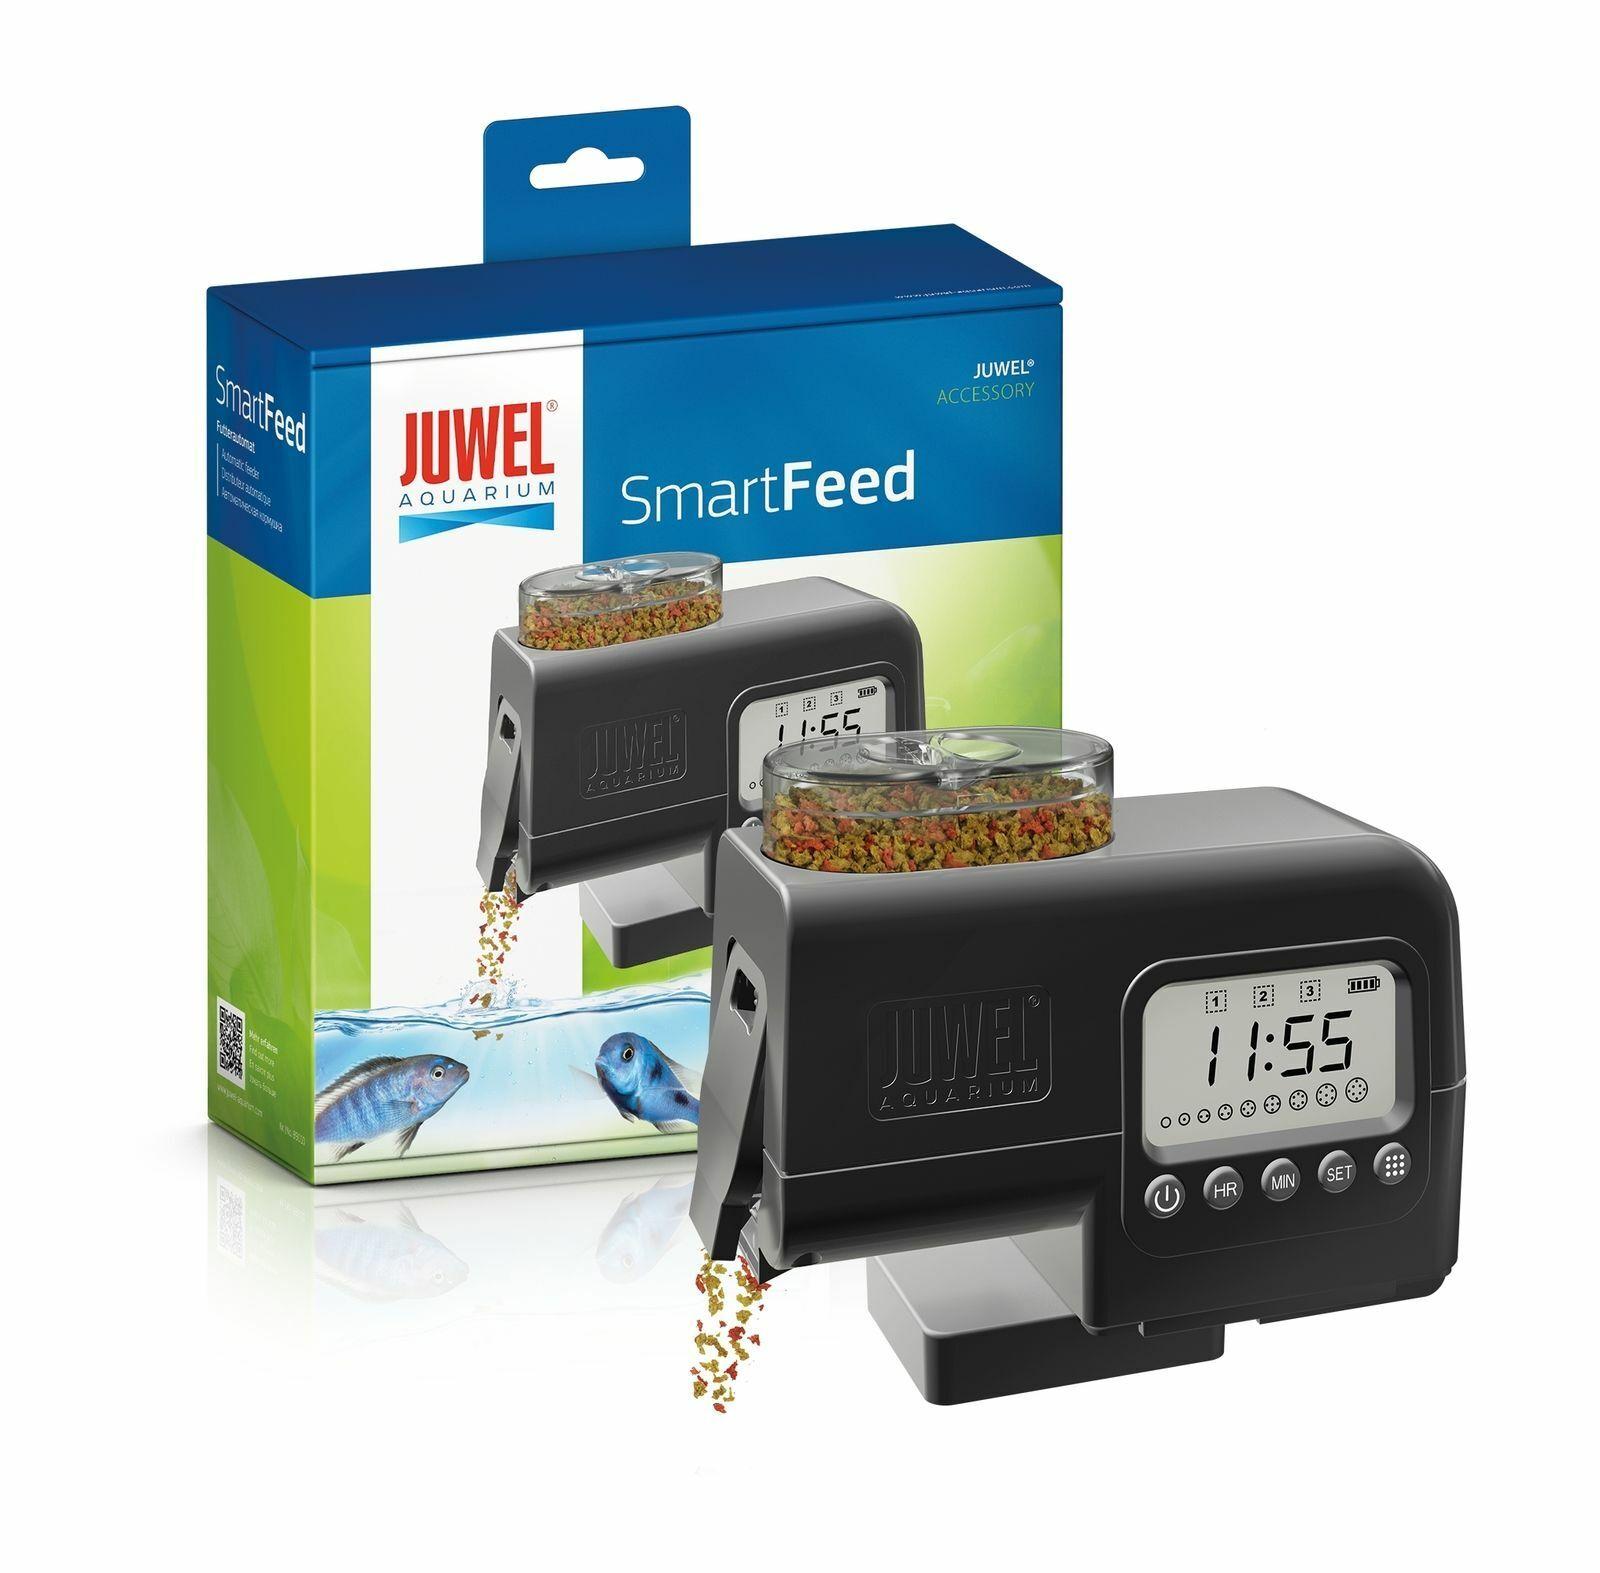 JUWEL Futterautomat für Aquarien Smart Feed  Nr.89010  Premium-Automat   19829